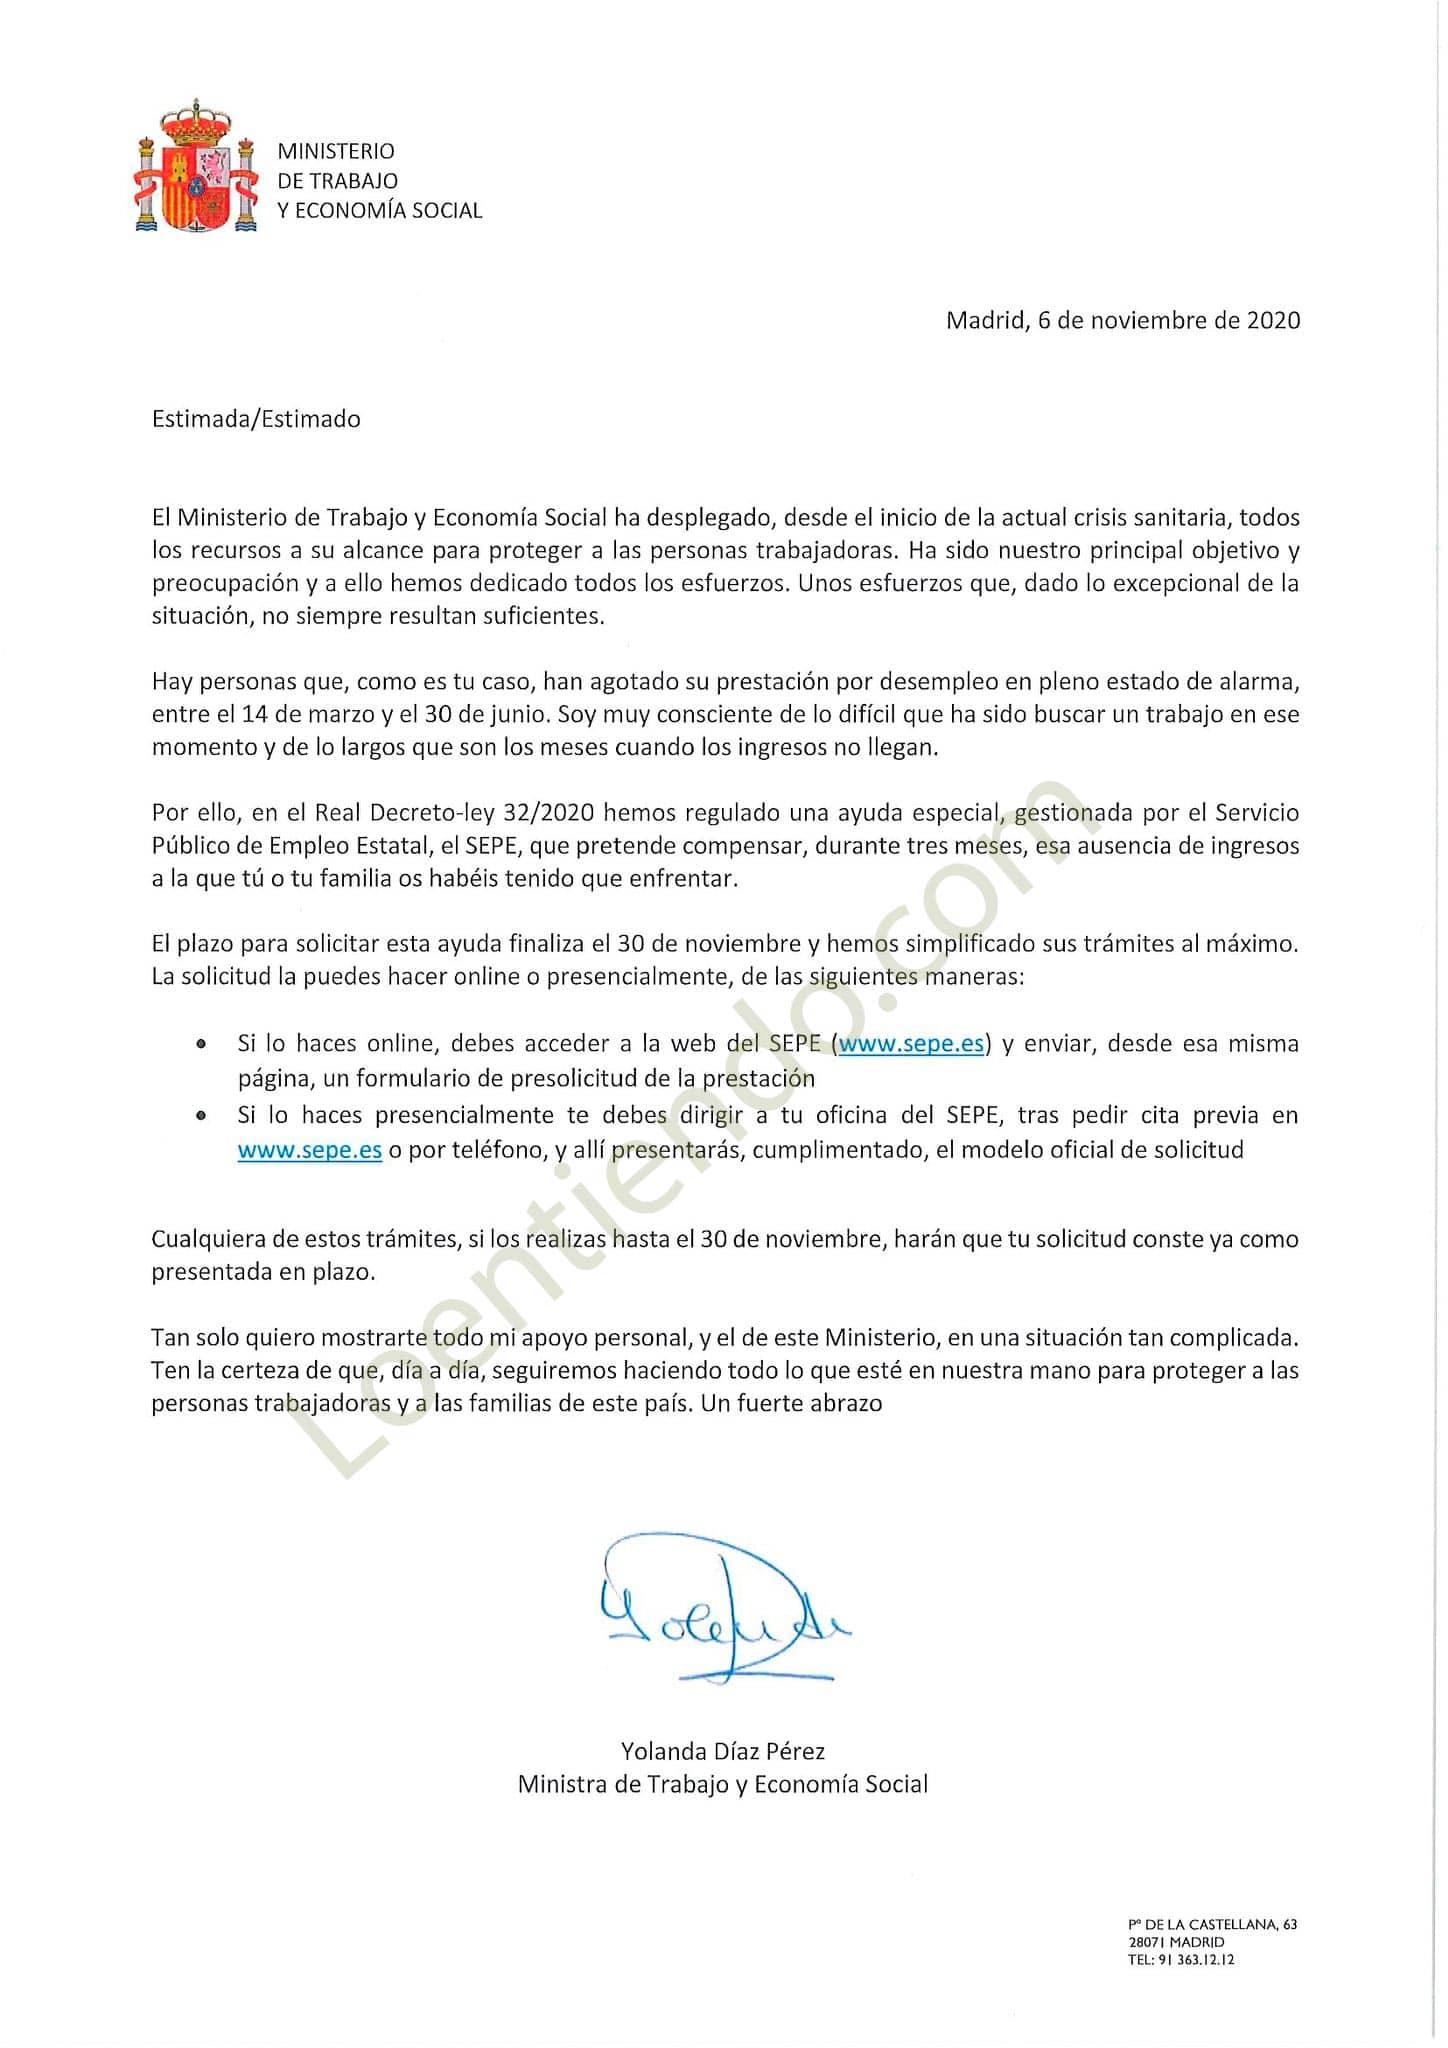 Carta Ministra de Trabajo sobre subsidio especial por covid-19